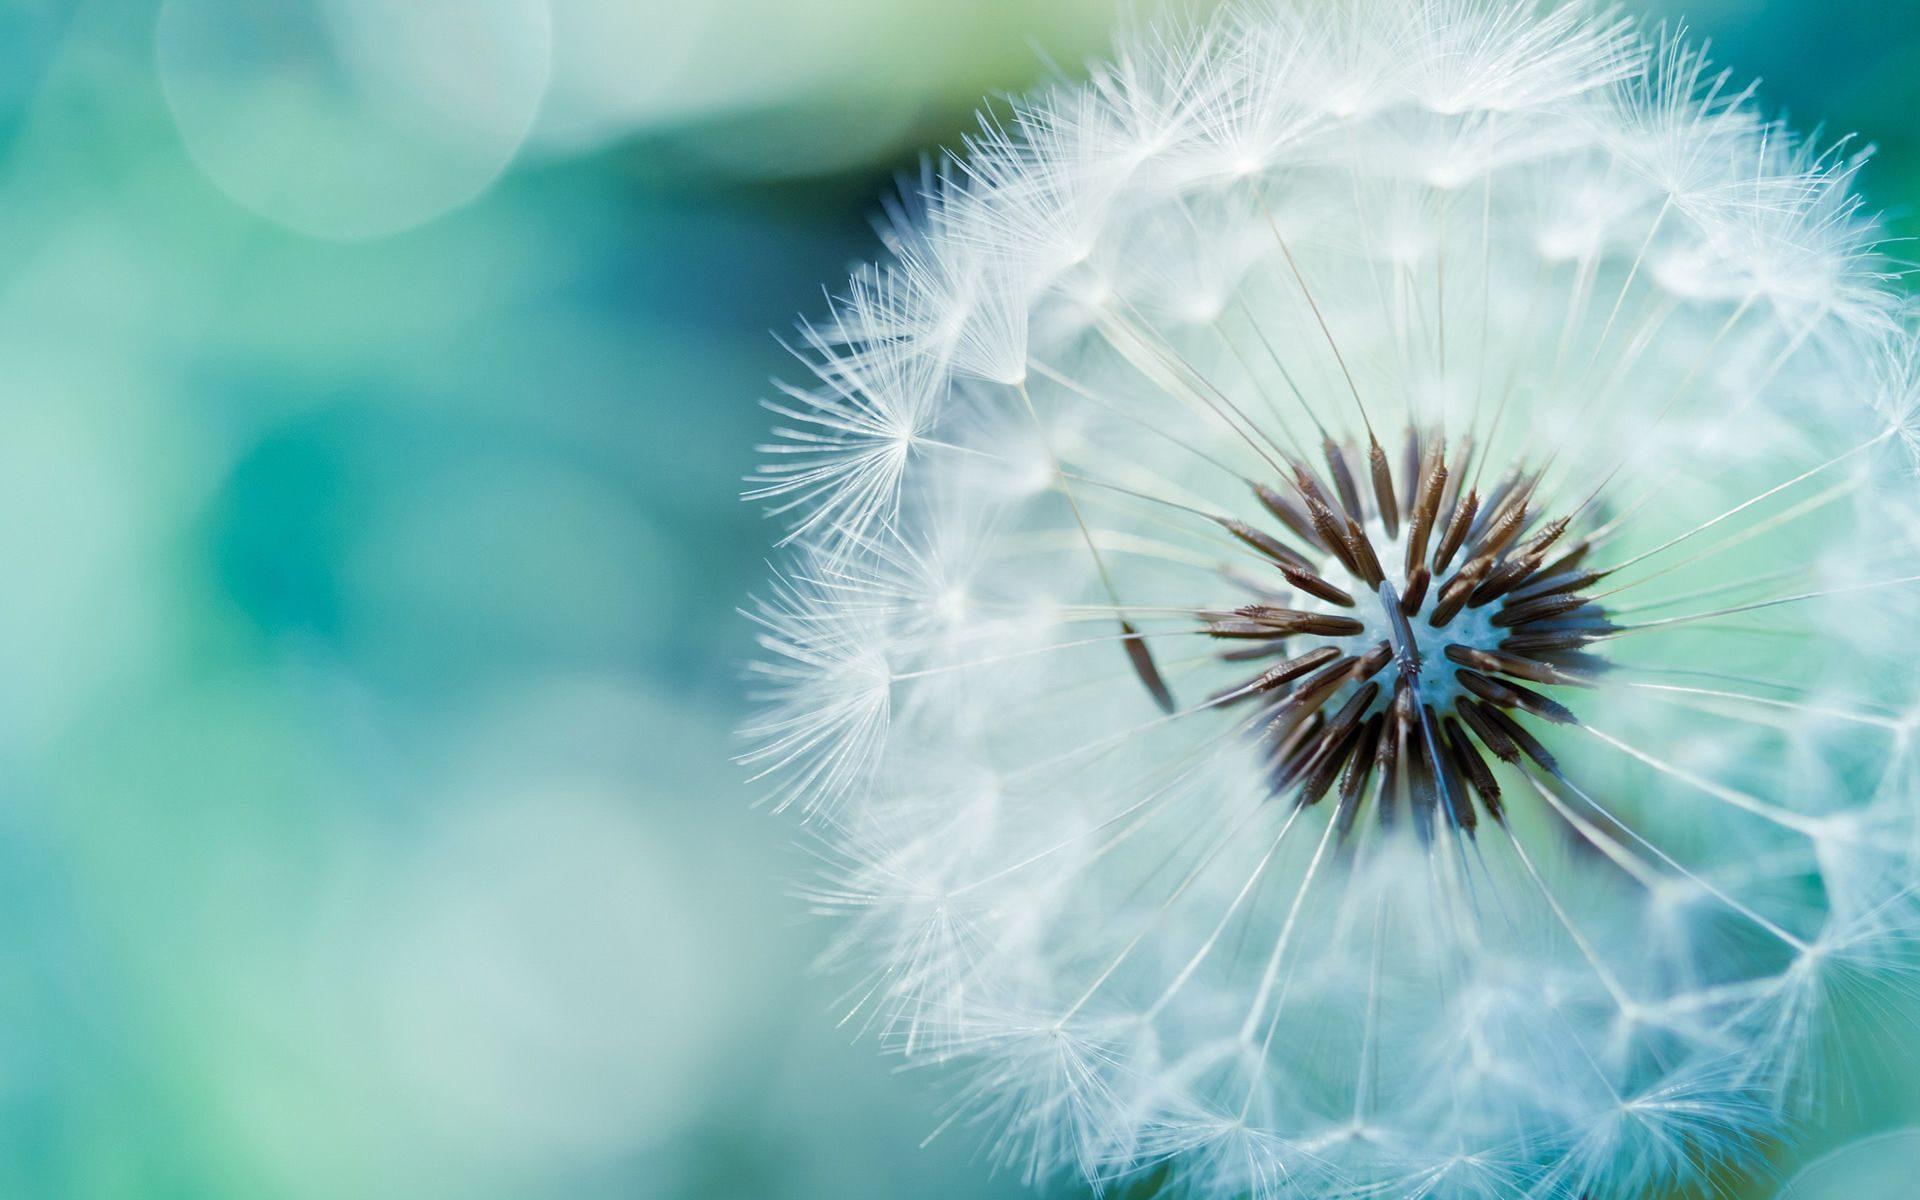 Иногда семена одуванчика могут пролетать расстояние внесколько километров.